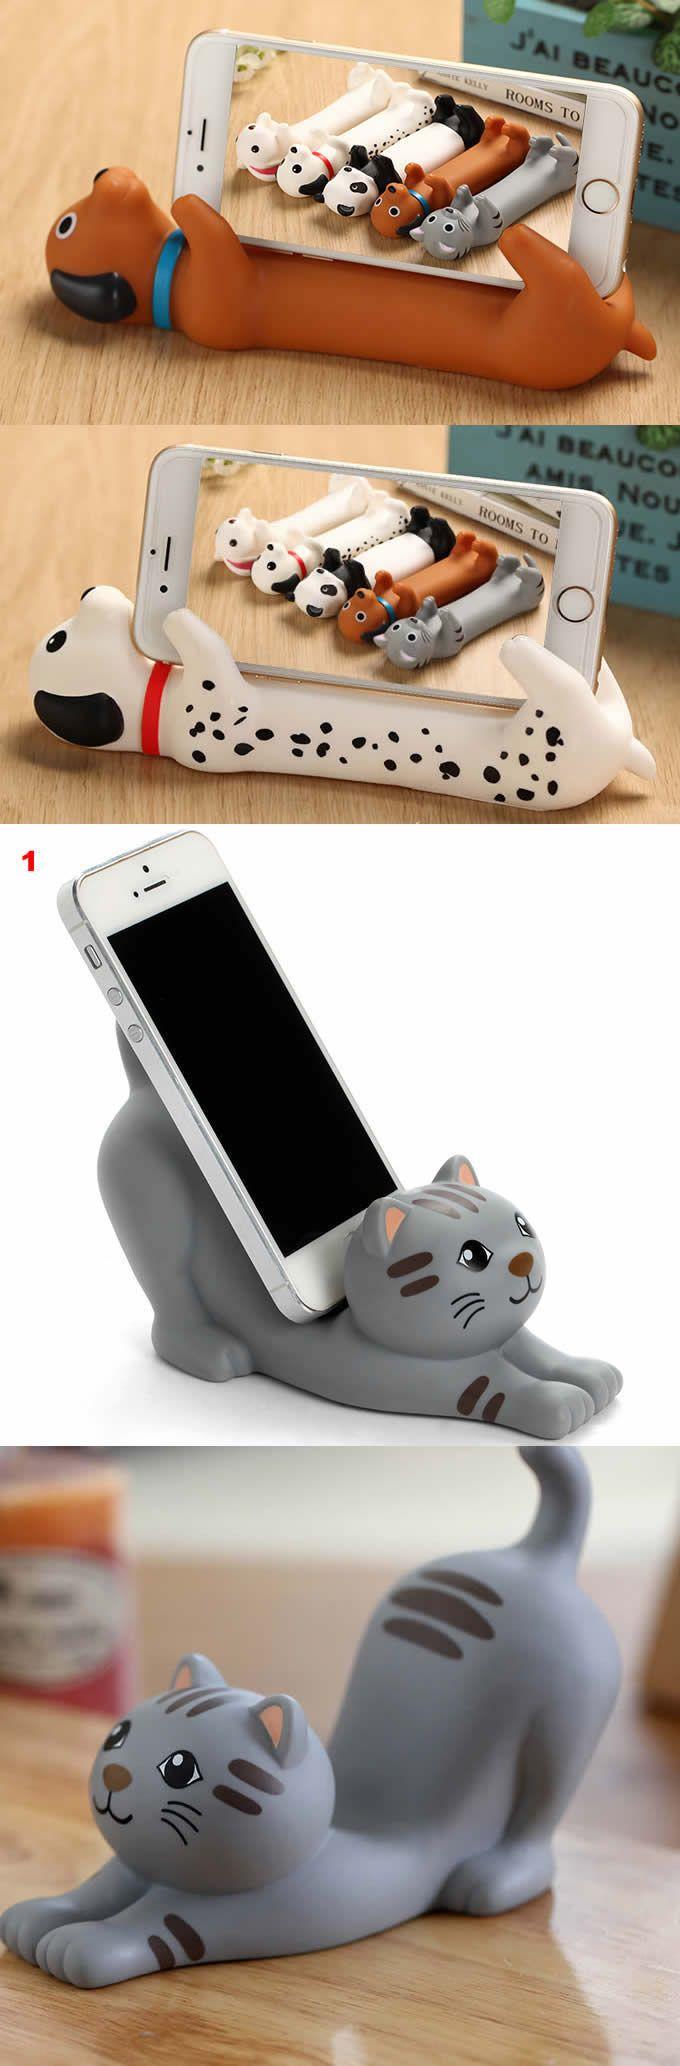 Si eres amante de los animales, esta base en forma de gatos y perros será tu próxima adquisición #gatos_manualidades_diy